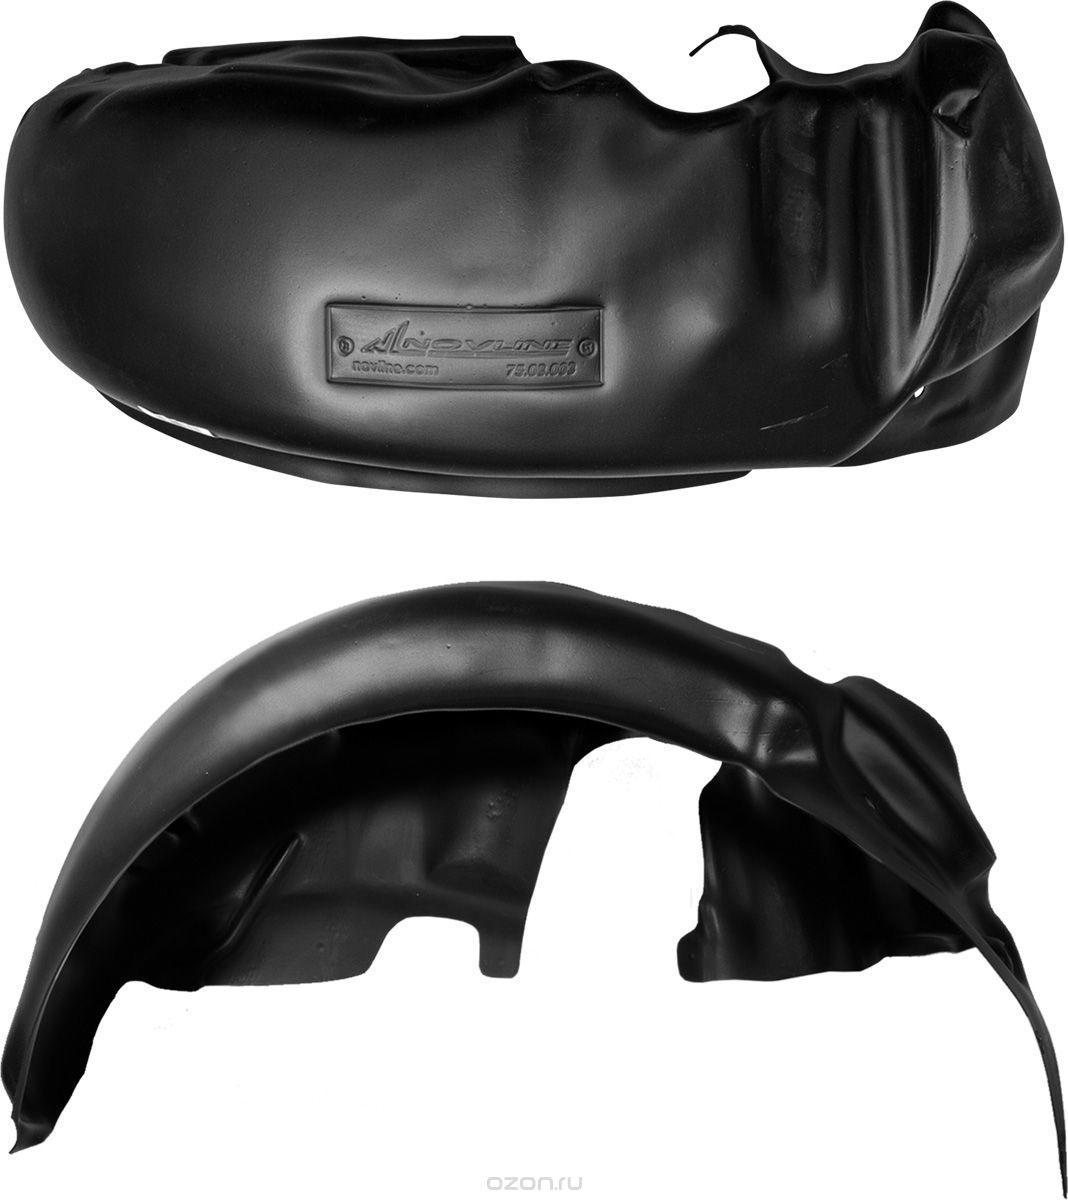 Подкрылок Novline-Autofamily, для TOYOTA LC150, 2009-2013, 2013-2015, 2015->, внедорожник, передний левыйNLL.48.64.001Идеальная защита колесной ниши. Локеры разработаны с применением цифровых технологий, гарантируют максимальную повторяемость поверхности арки. Изделия устанавливаются без нарушения лакокрасочного покрытия автомобиля, каждый подкрылок комплектуется крепежом. Уважаемые клиенты, обращаем ваше внимание, что фотографии на подкрылки универсальные и не отражают реальную форму изделия. При этом само изделие идет точно под размер указанного автомобиля.